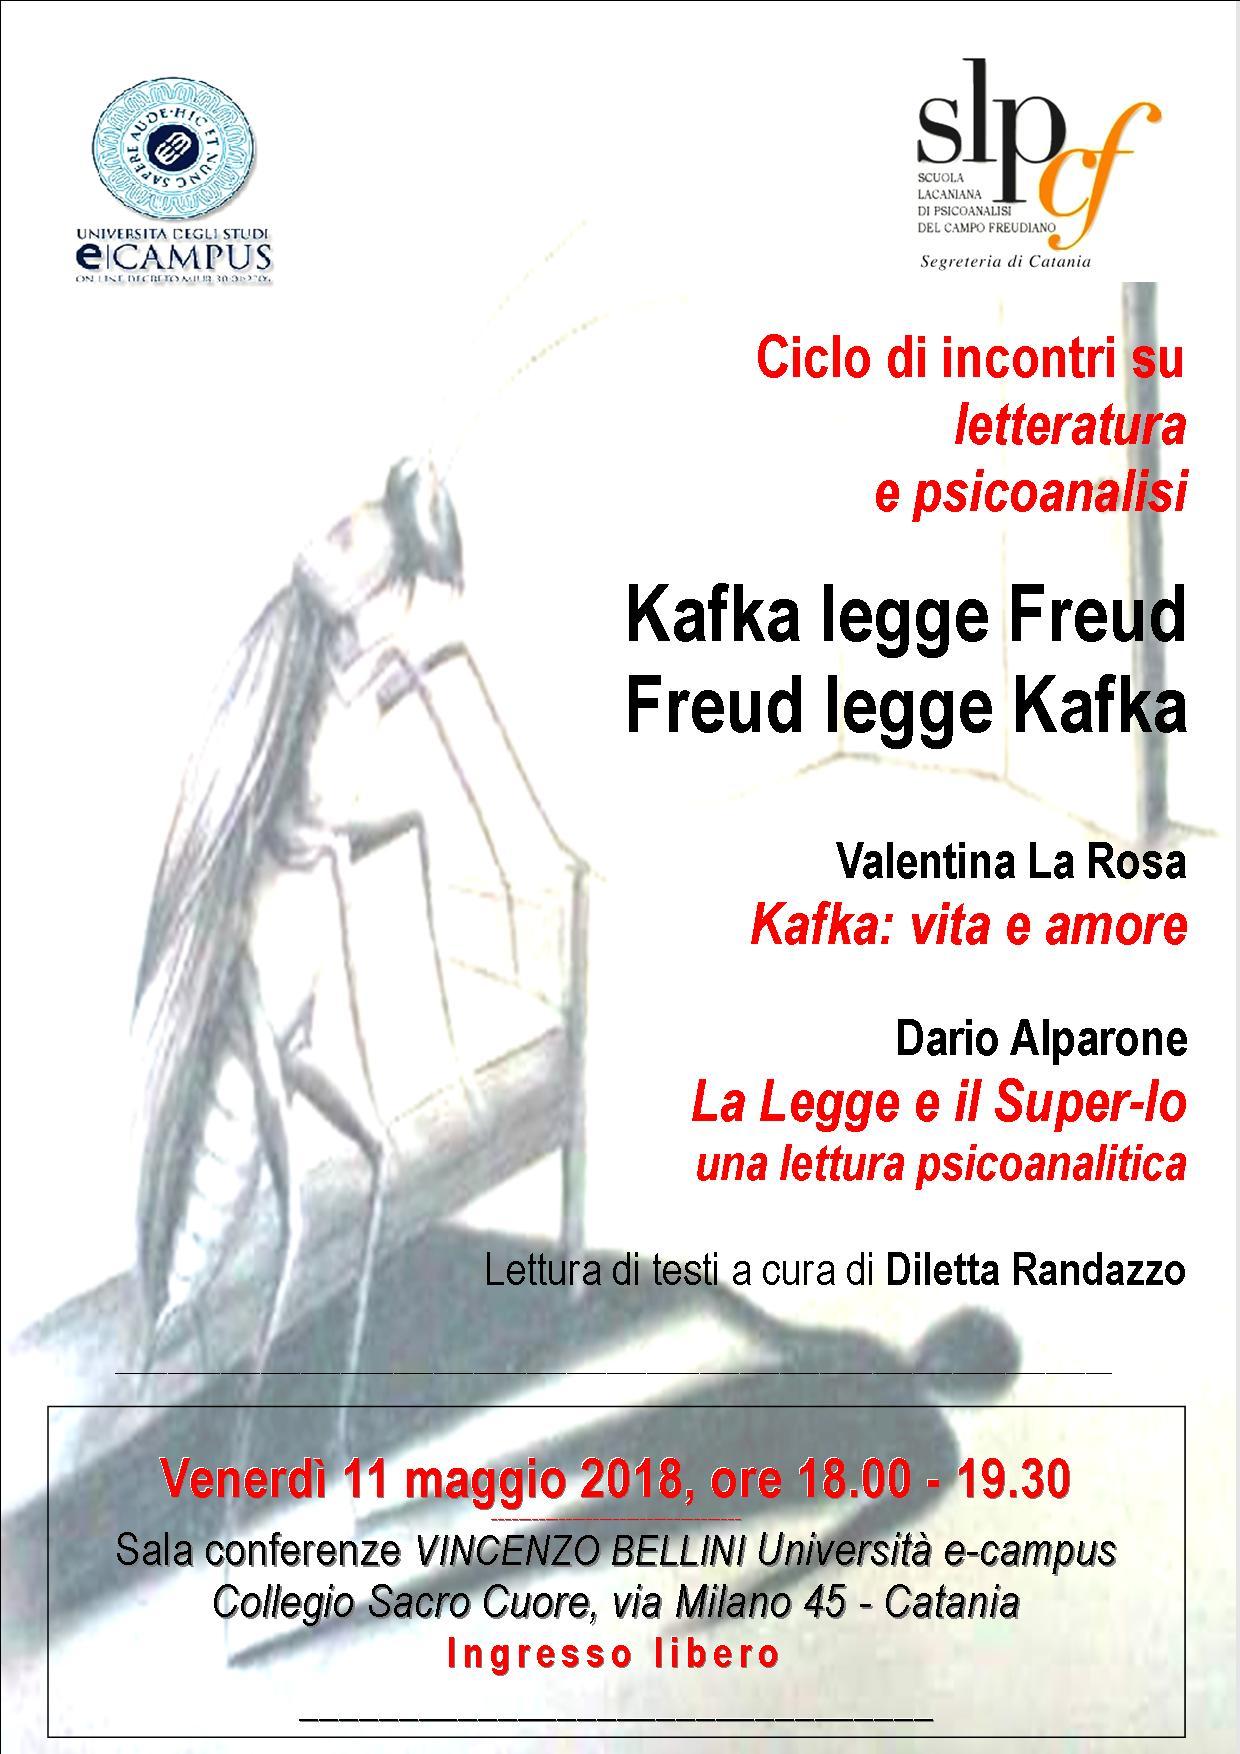 Kafka legge Freud, Freud legge Kafka